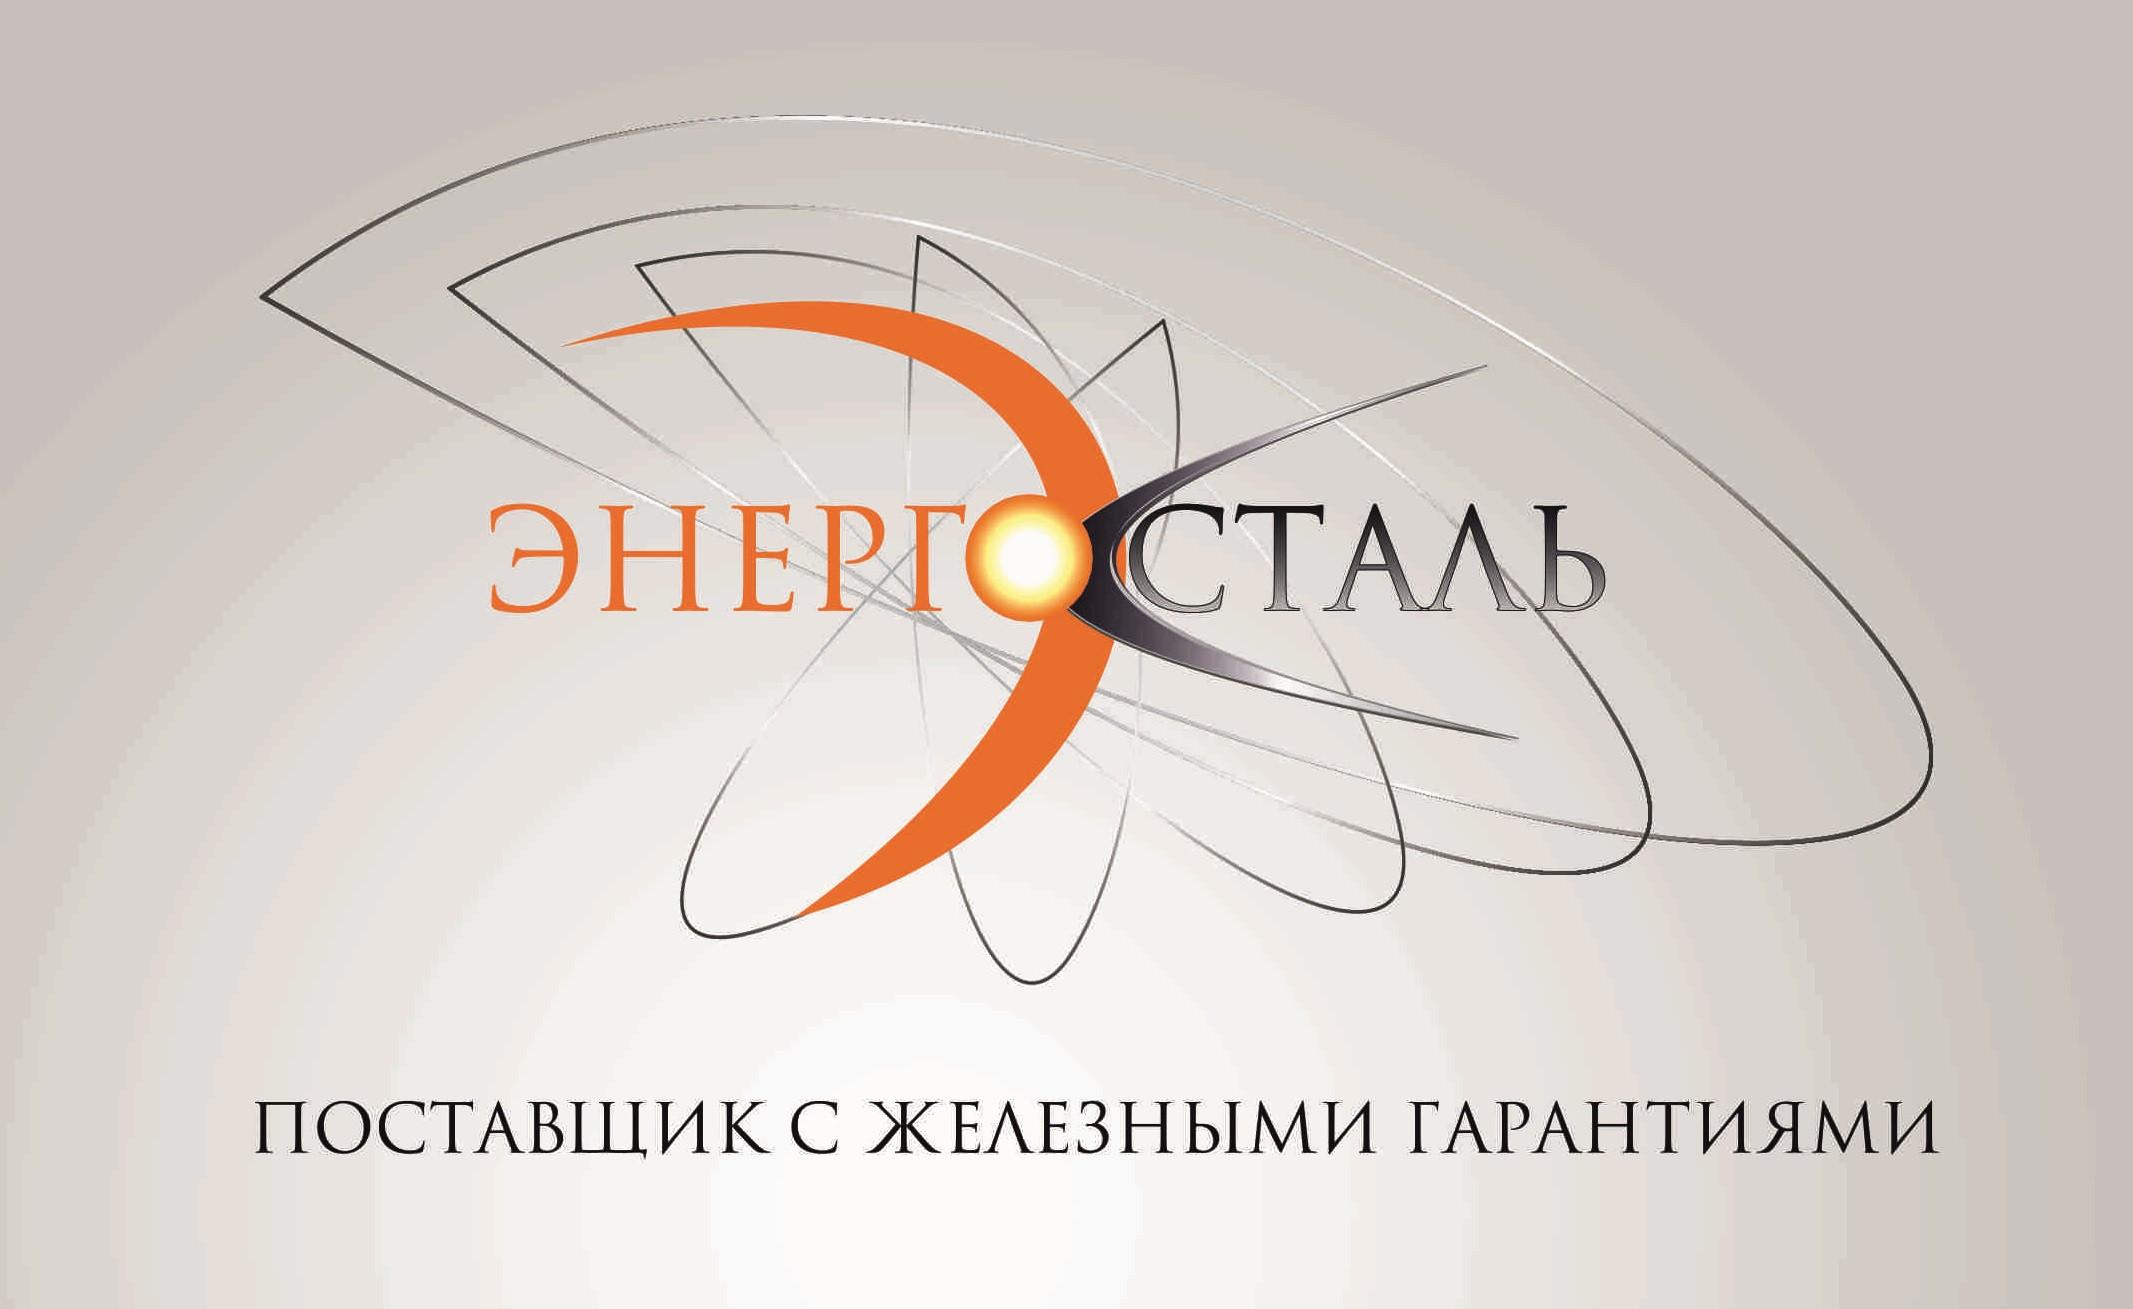 Пересечение и сближение вл с автомобильными дорогами / пуэ 7 / библиотека / элек.ру